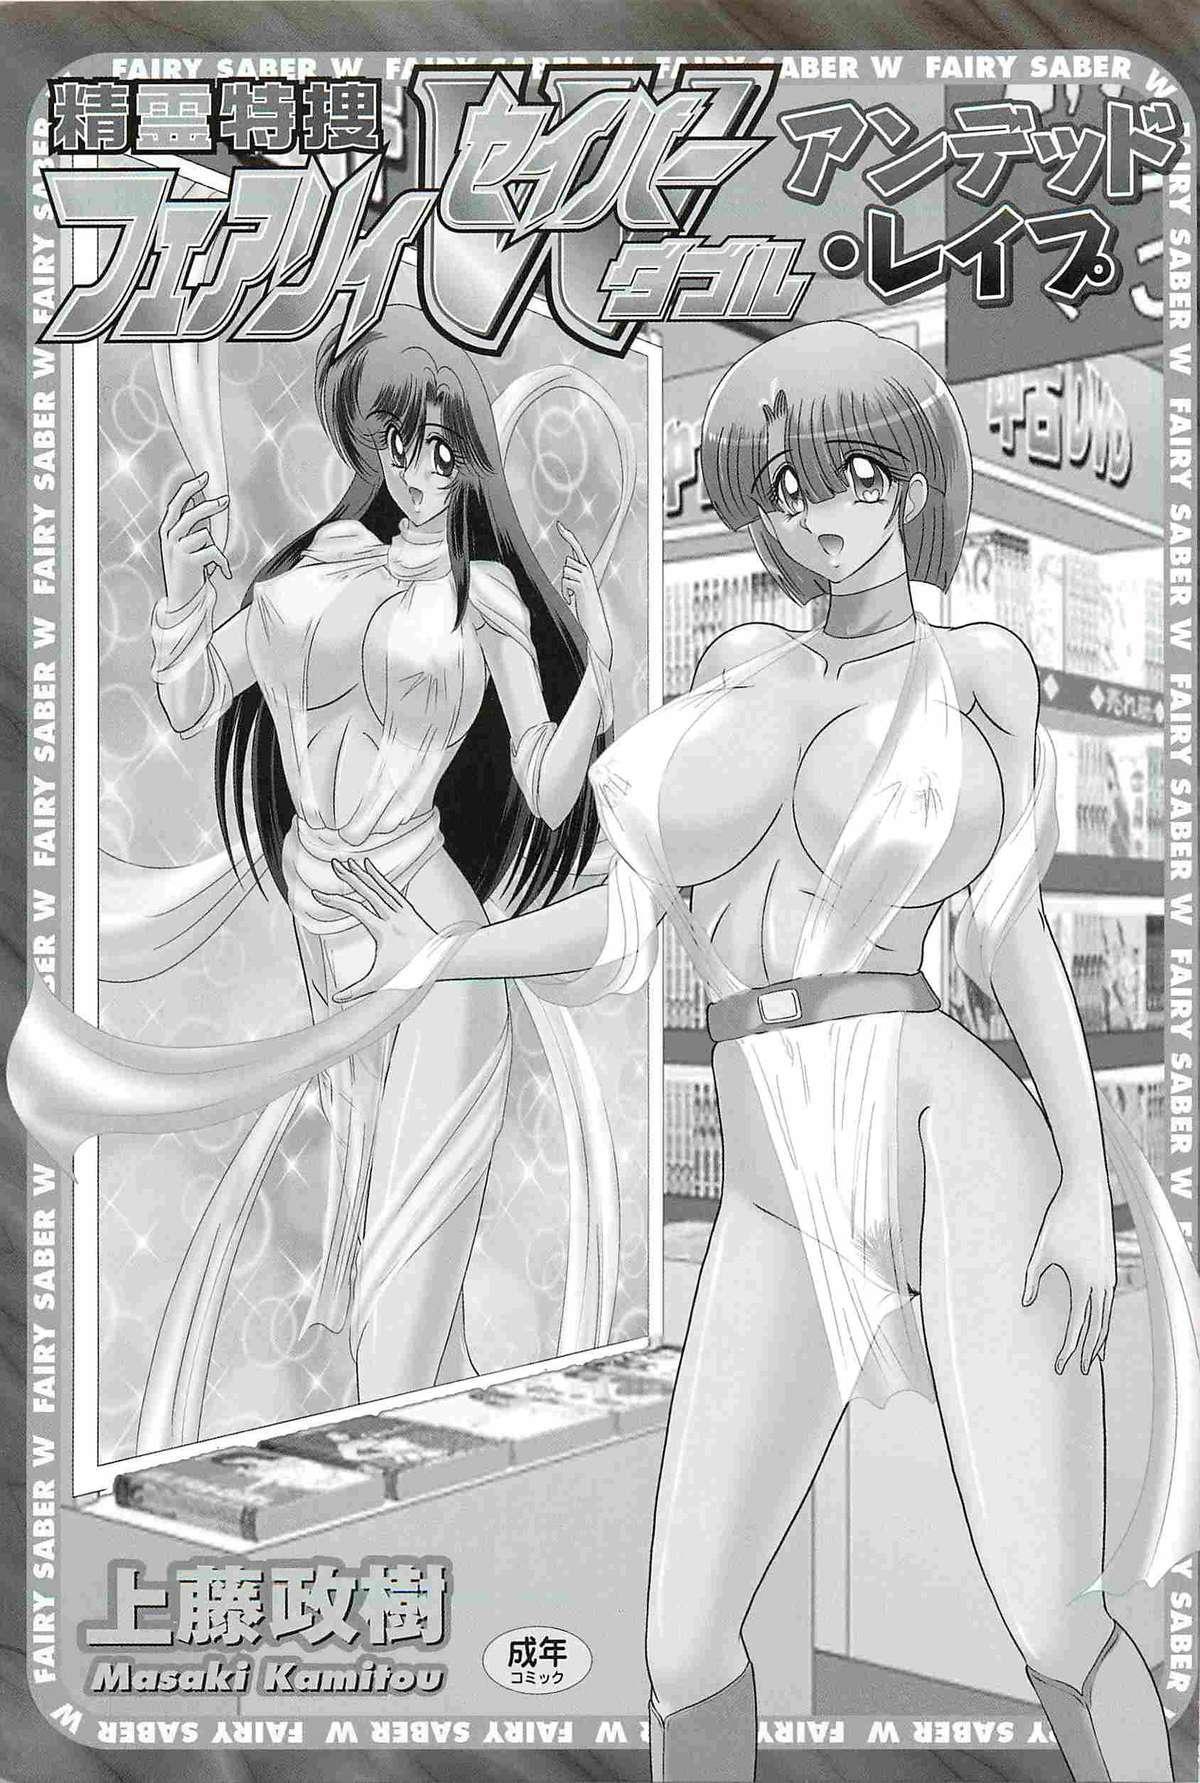 Seirei Tokusou Fairy Saber W - Undead Rape 2